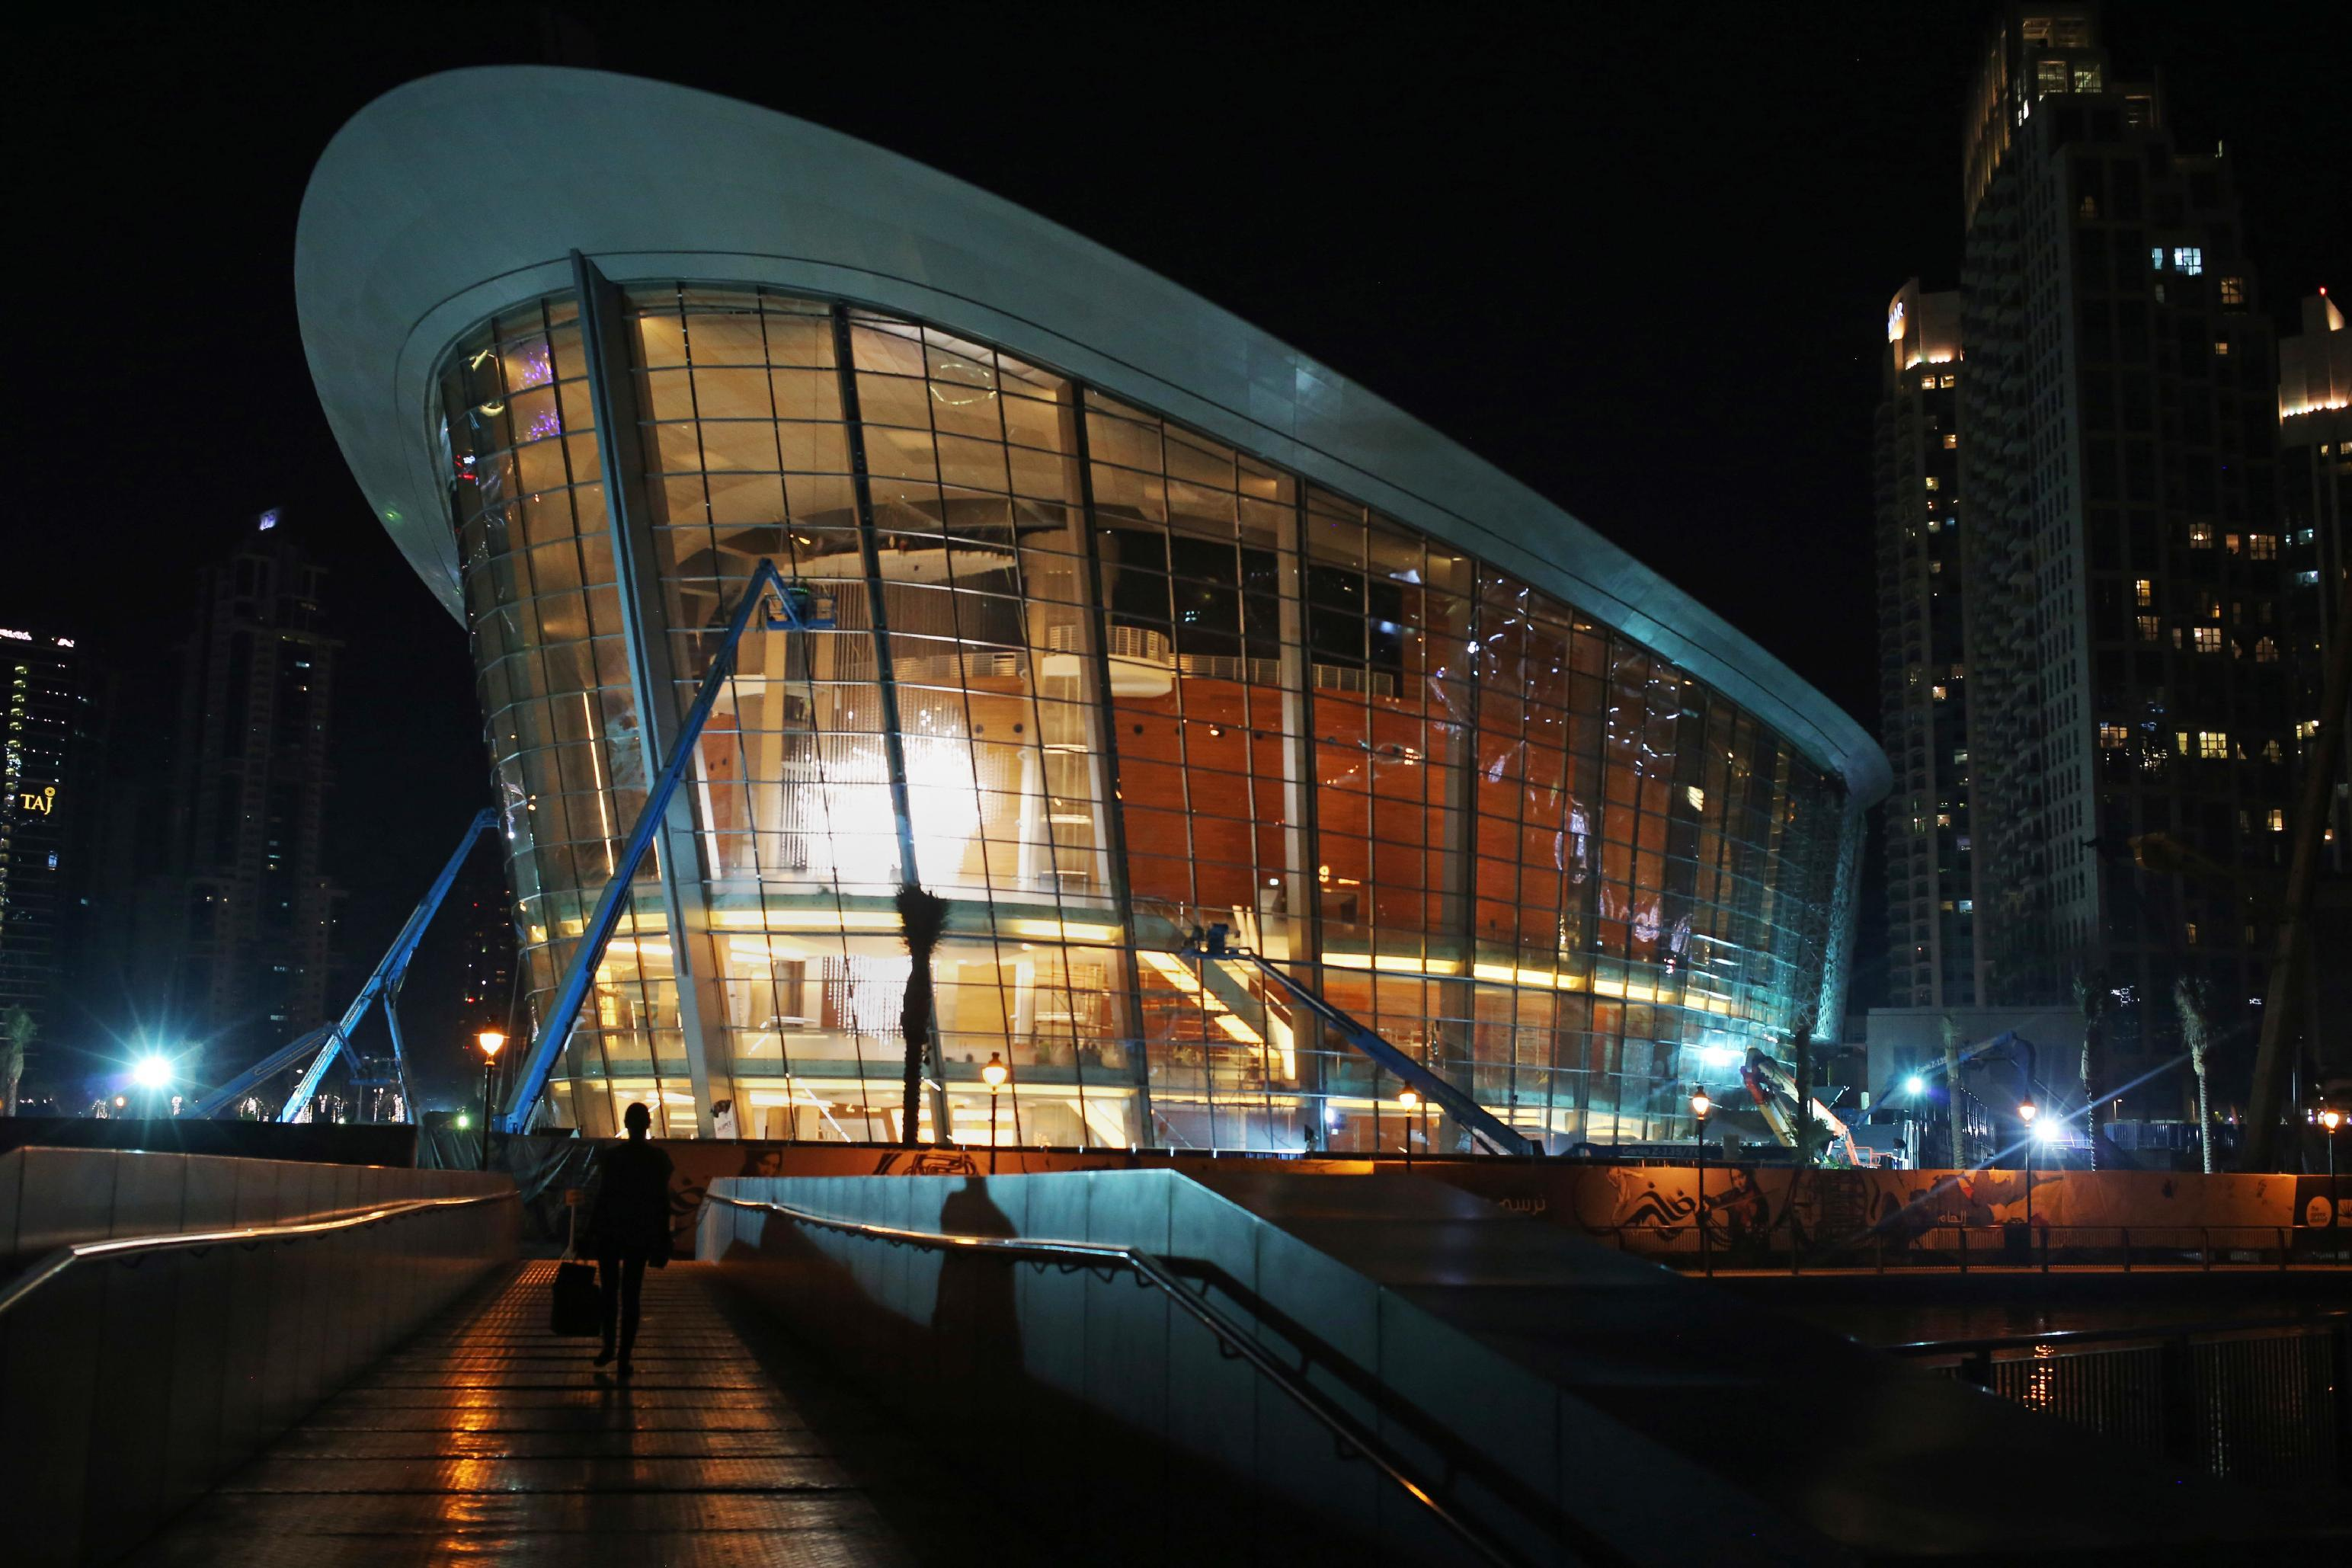 Skyscraper-filled Dubai burnishes arts scene with new opera